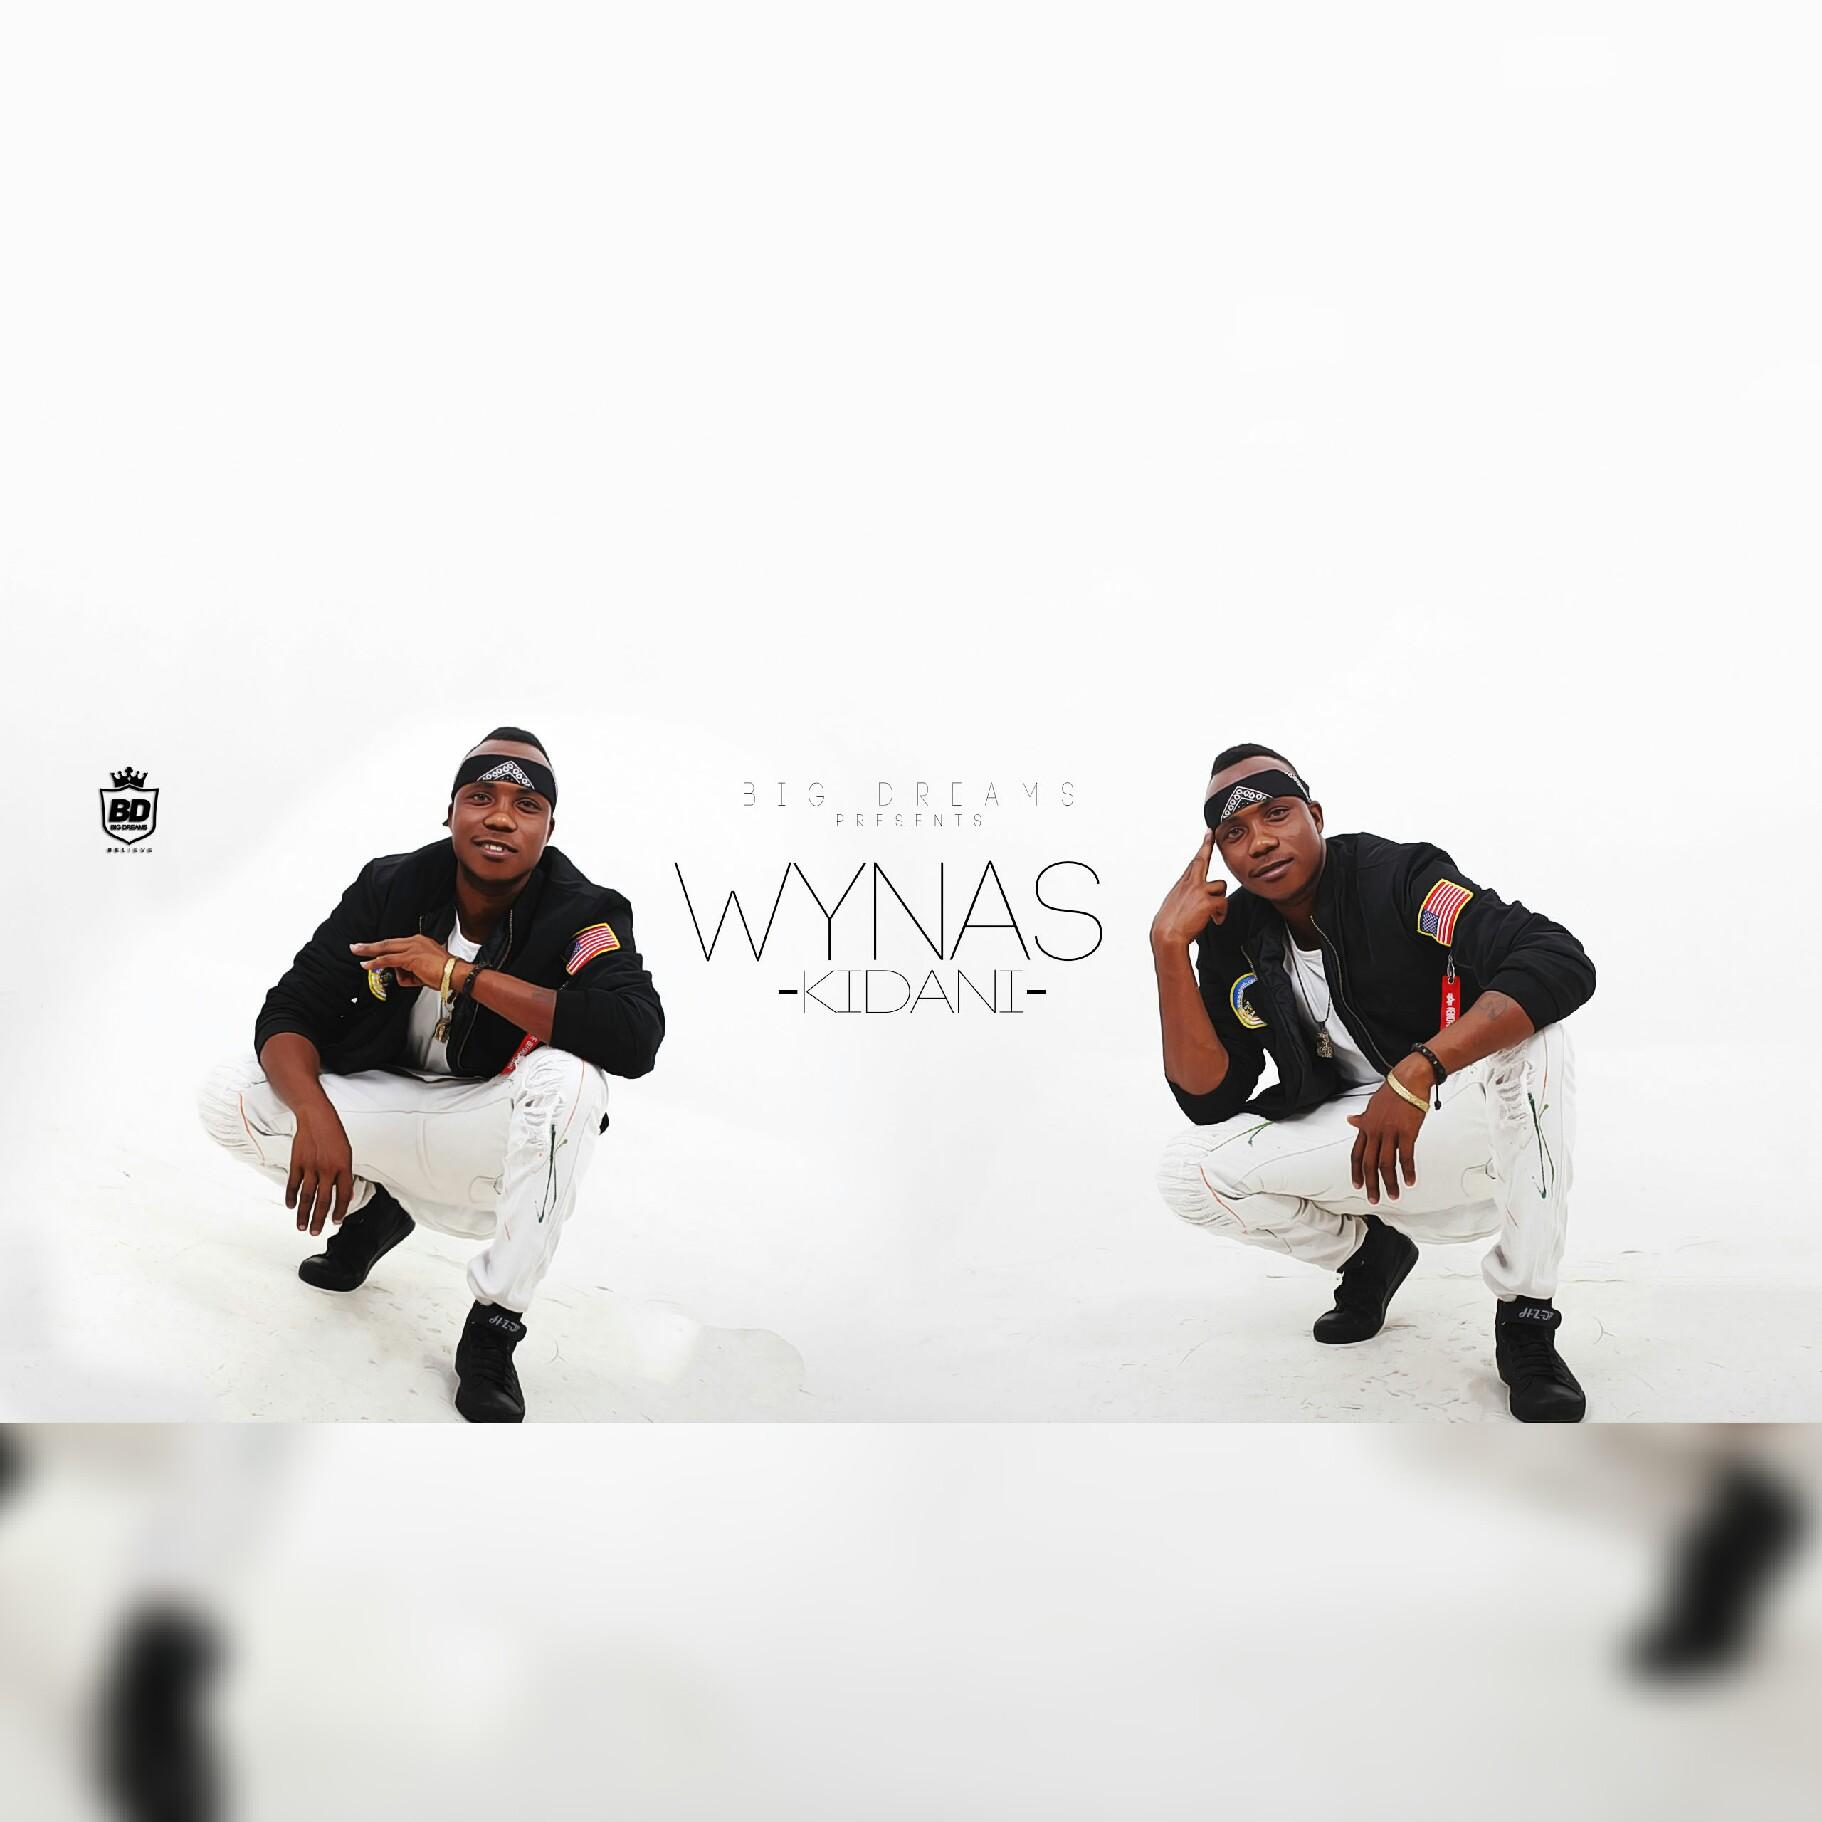 Wynas Playbouy - Kidogo_Tu